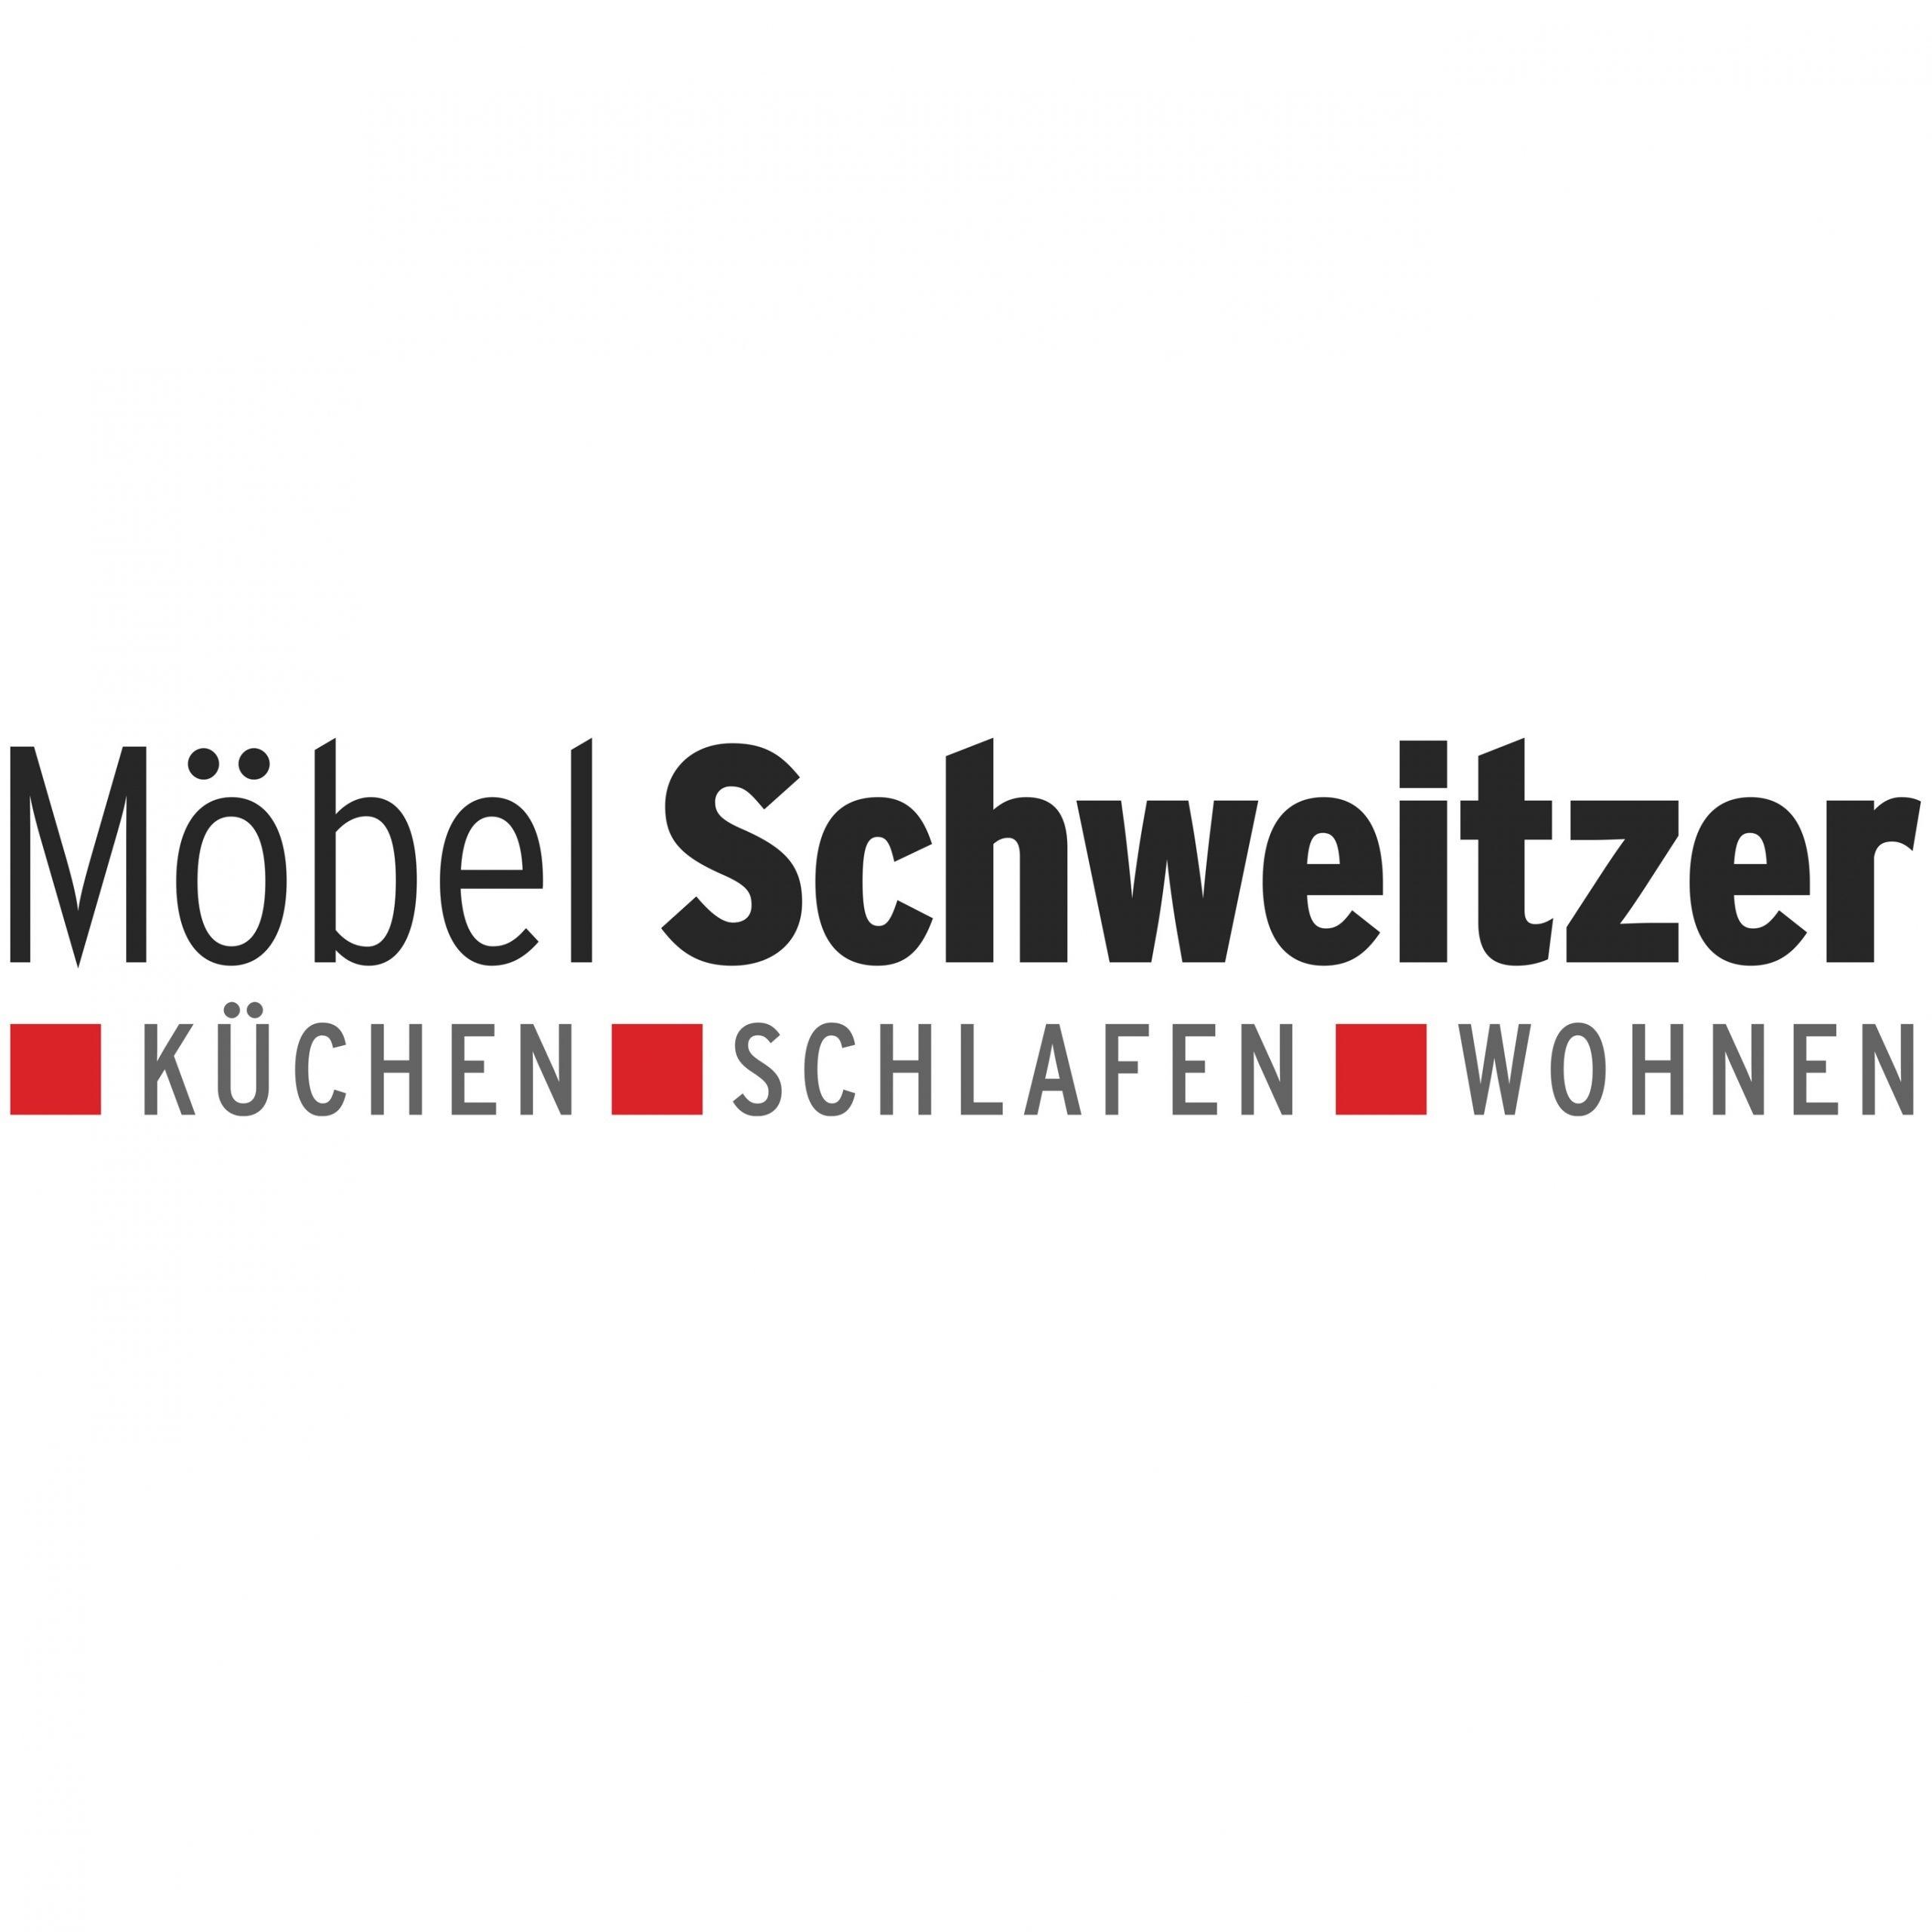 logo moebel schweitzer weiss scaled